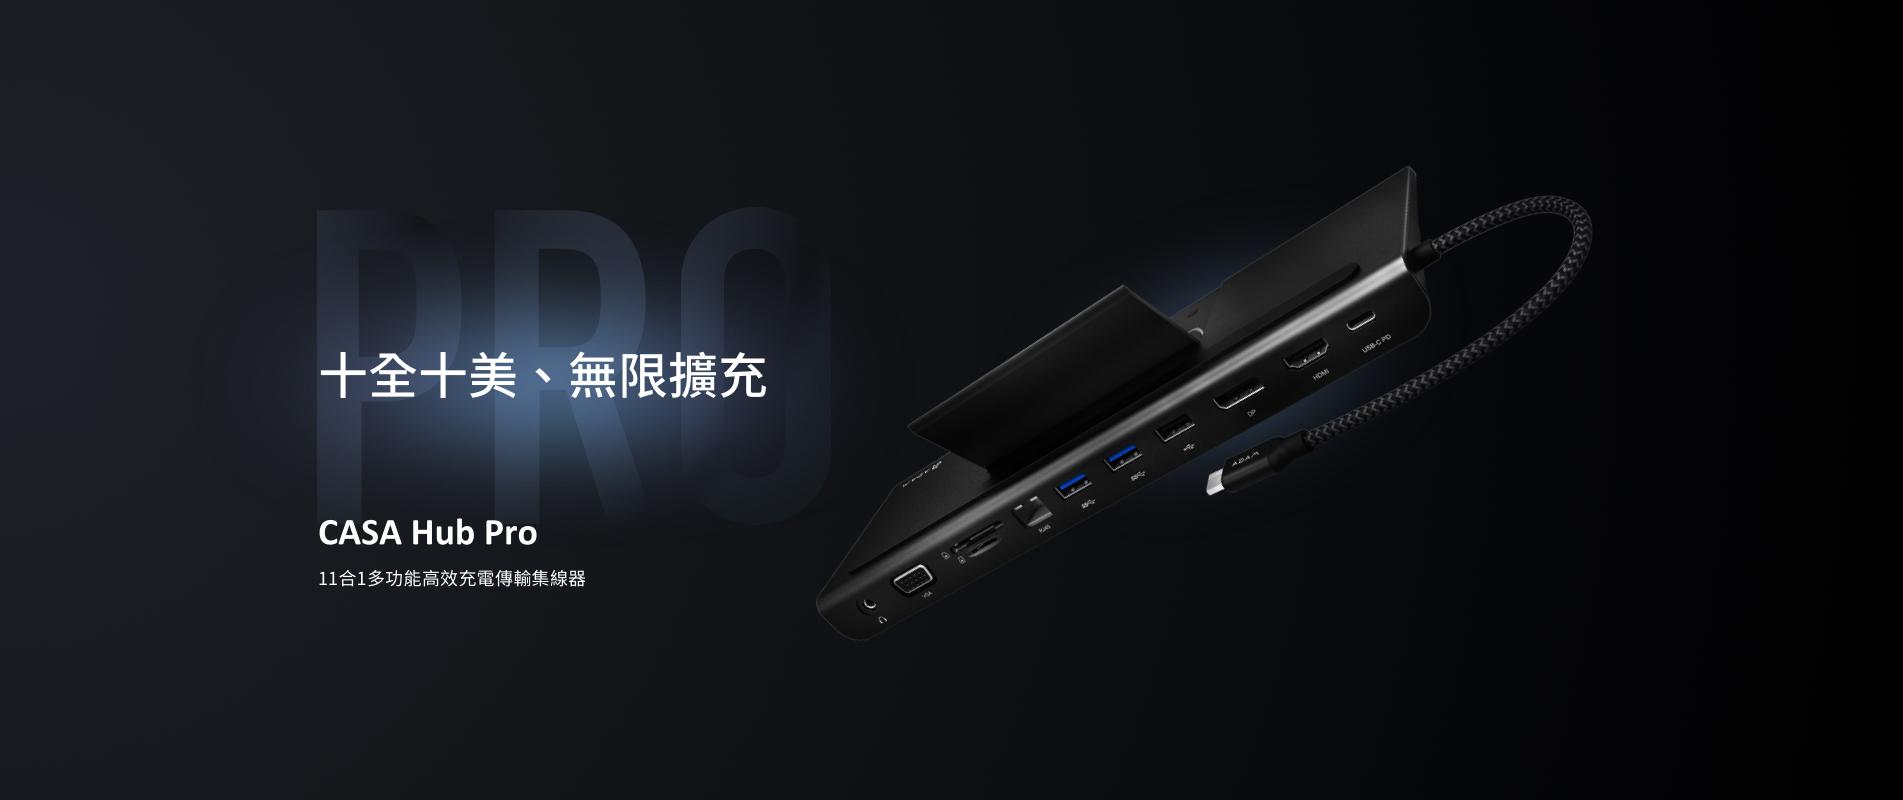 亞果元素 CASA Hub Pro 11合1 多功能高效充電傳輸集線器 頂規100W USB-C 全方位多功能擴充 Hub,打造專屬夢幻工作站